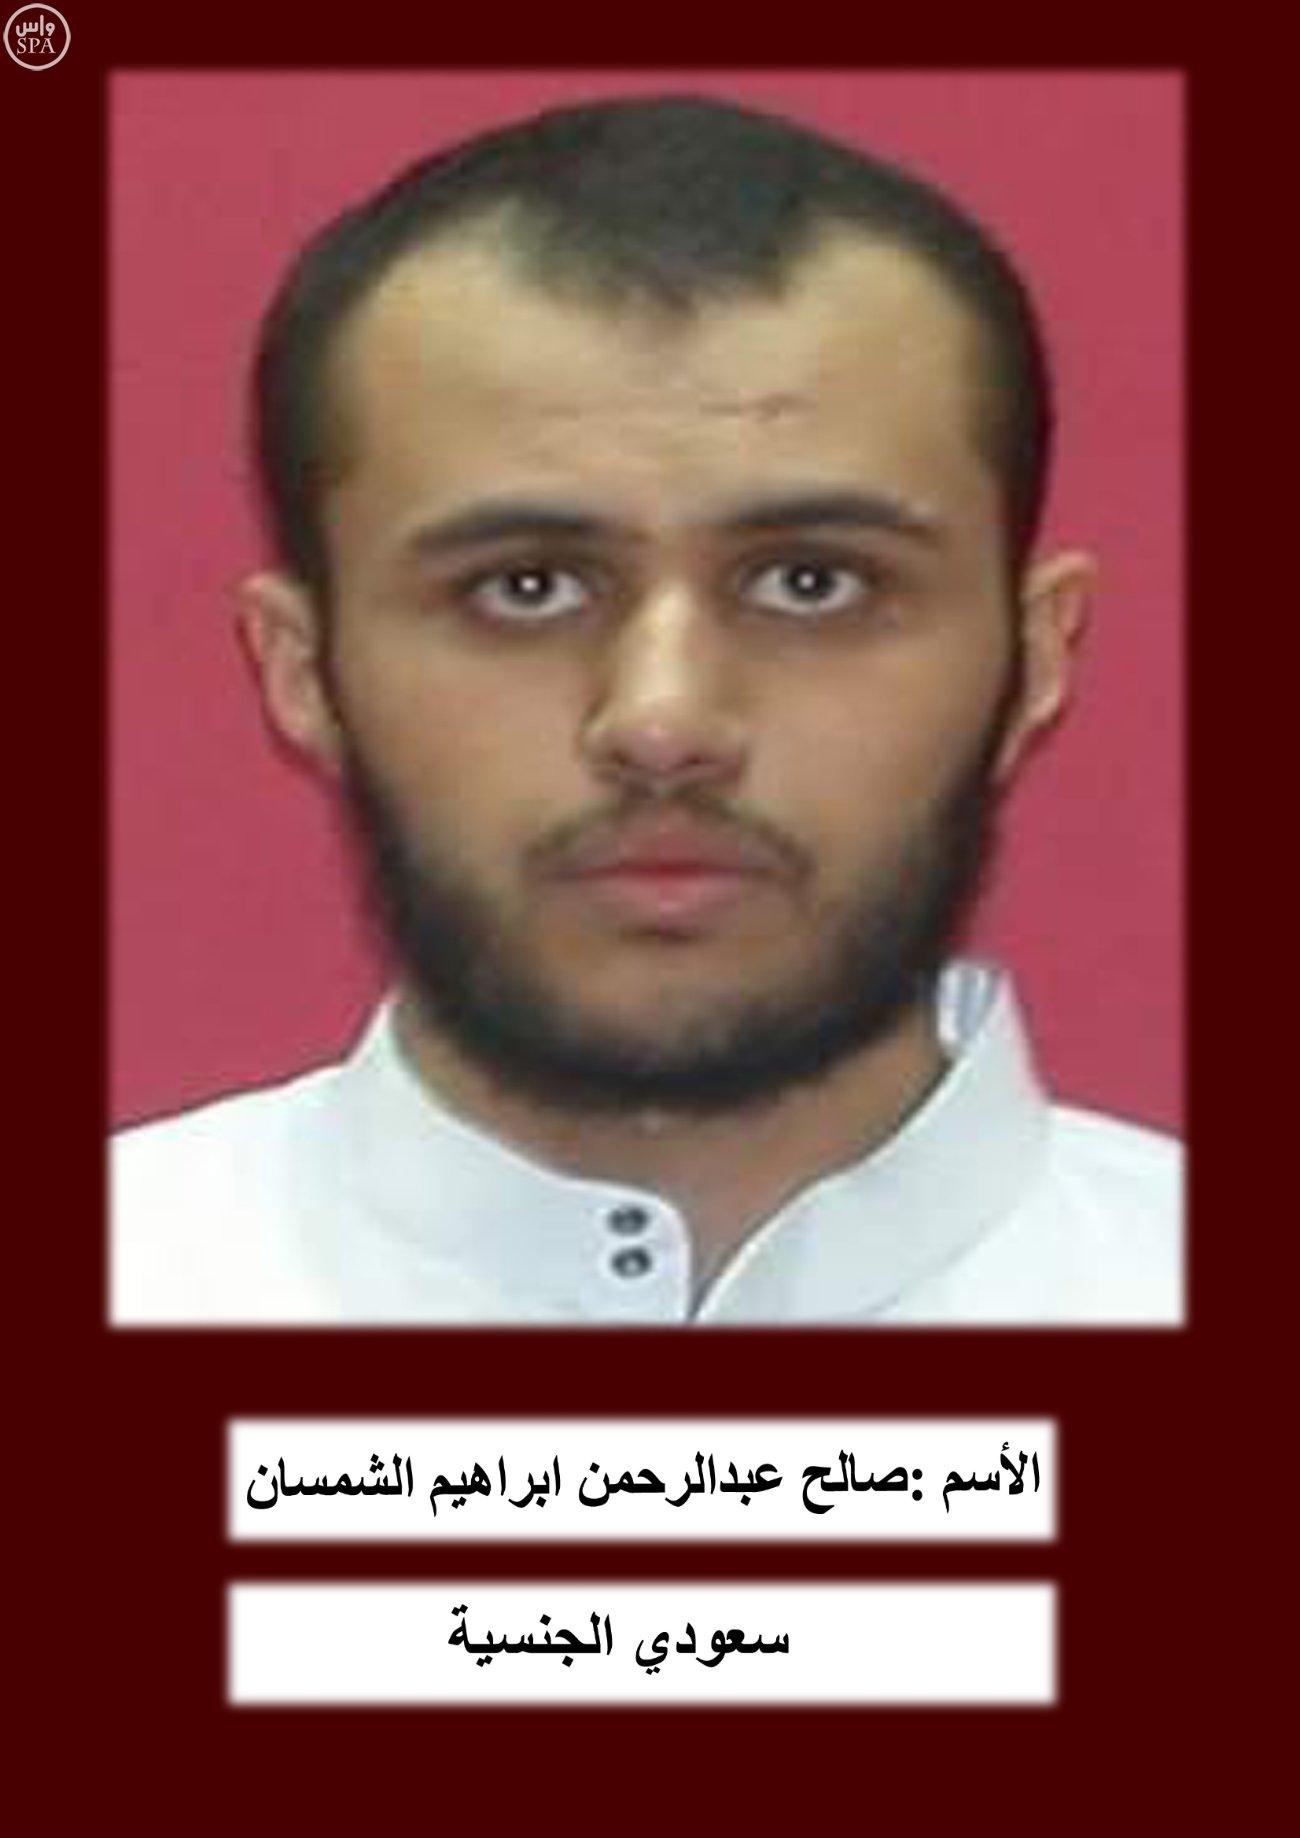 ارهابيين-بالحدود (4)